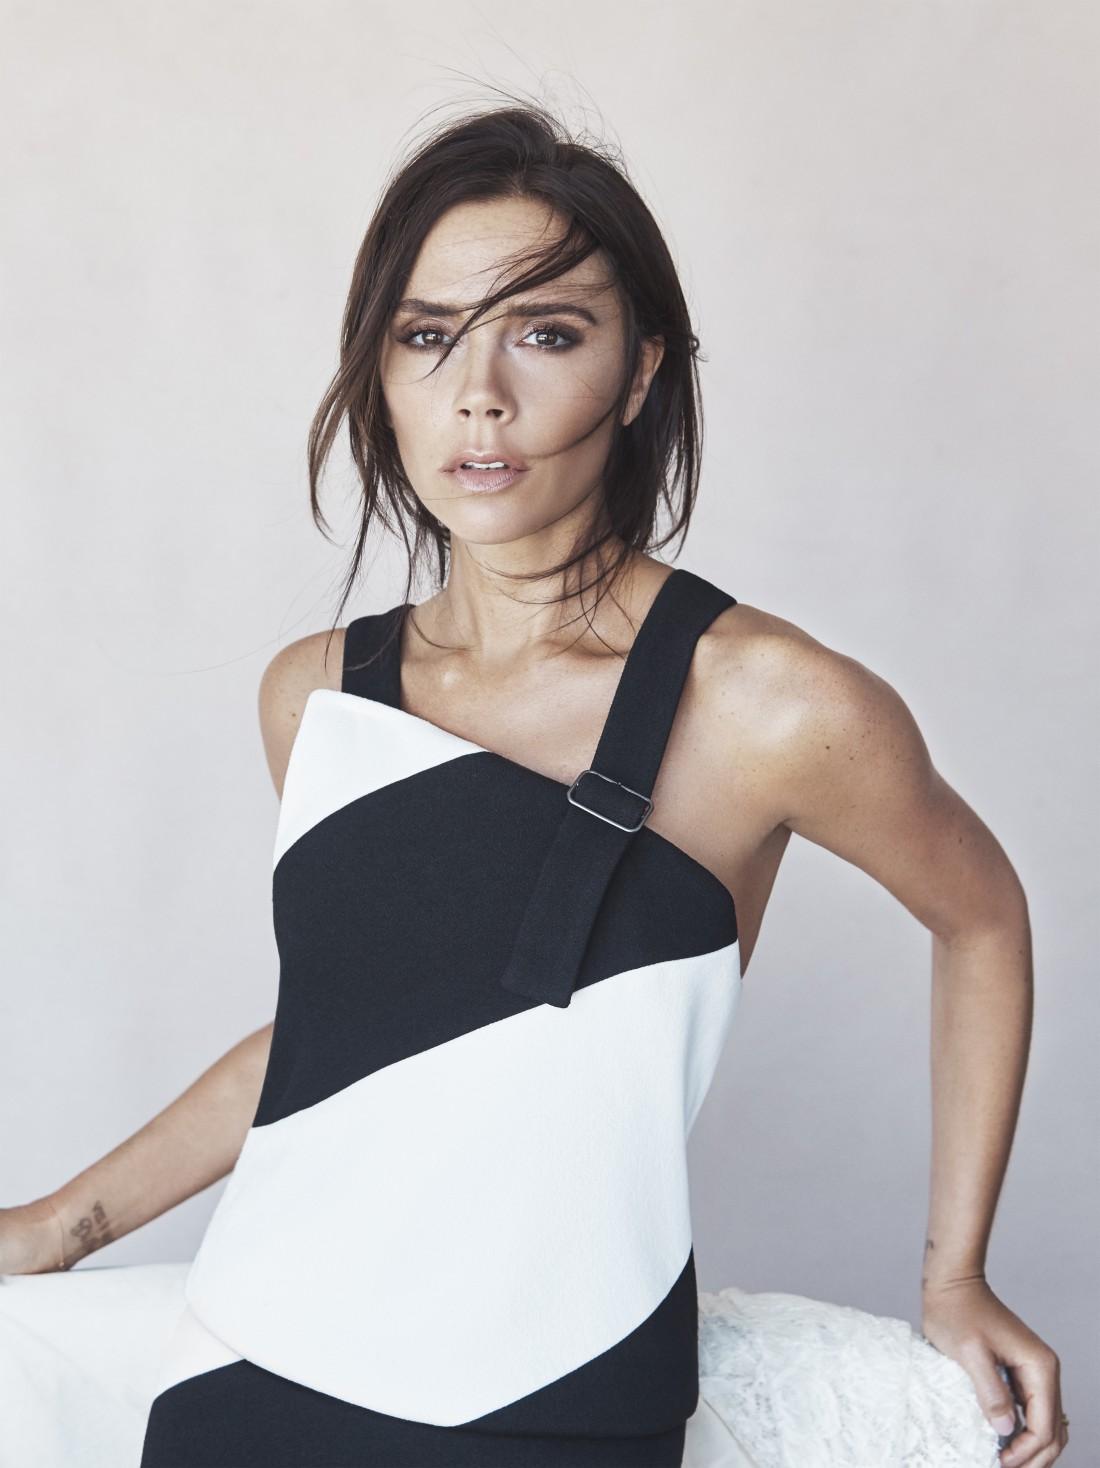 Виктория Бэкхем создала лимитированную коллекцию одежды и аксессуаров